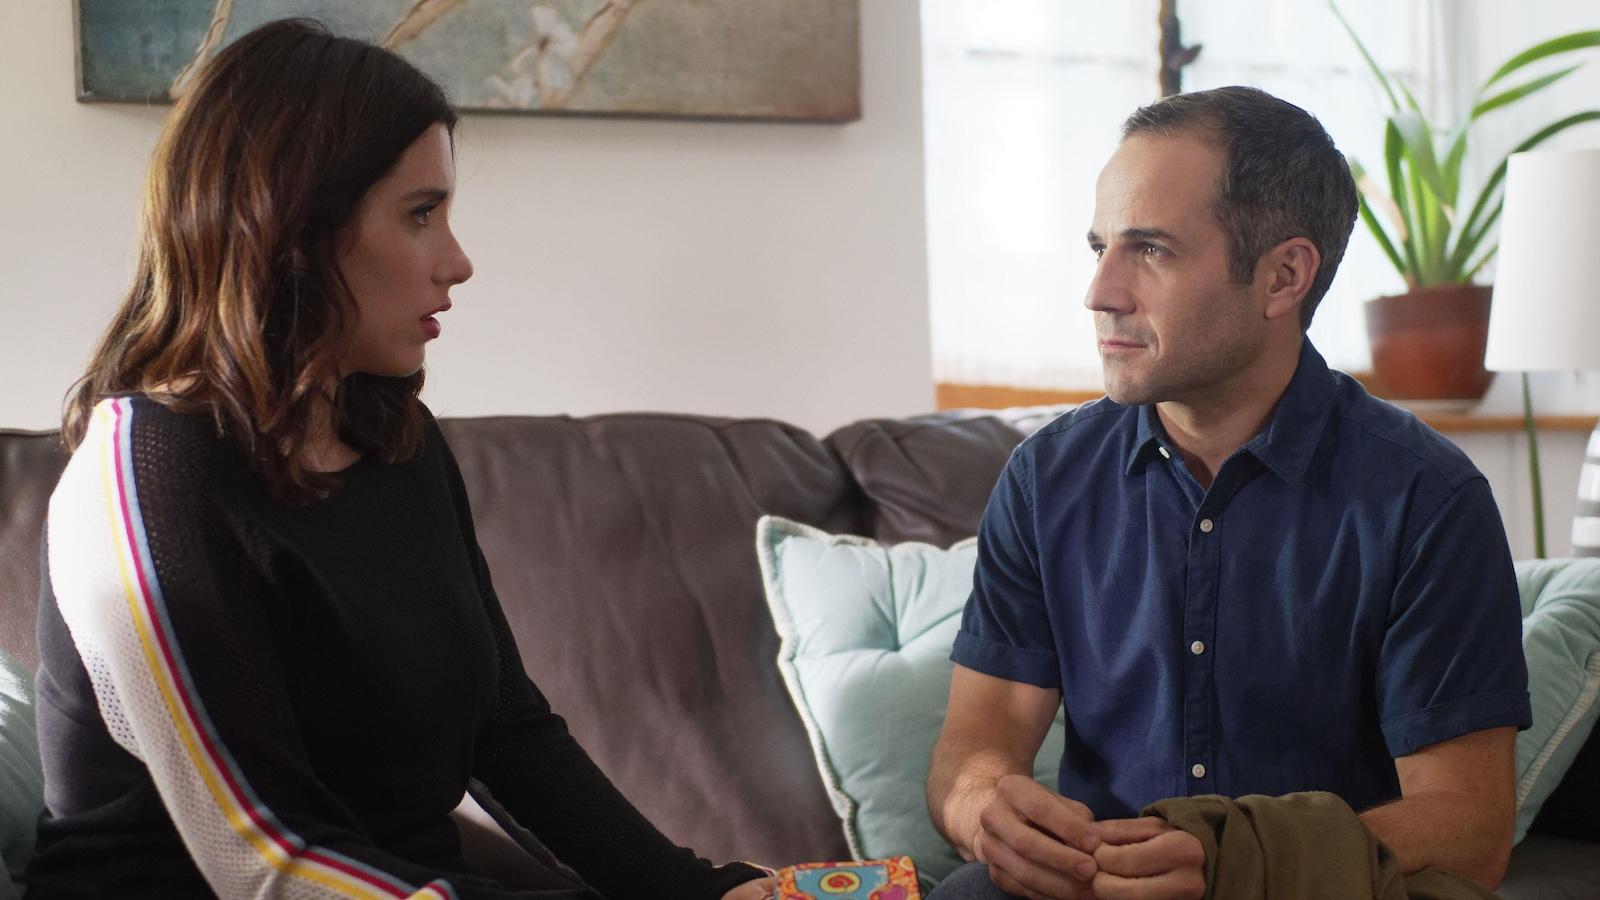 Une femme et un homme se regardent, assis sur un divan.